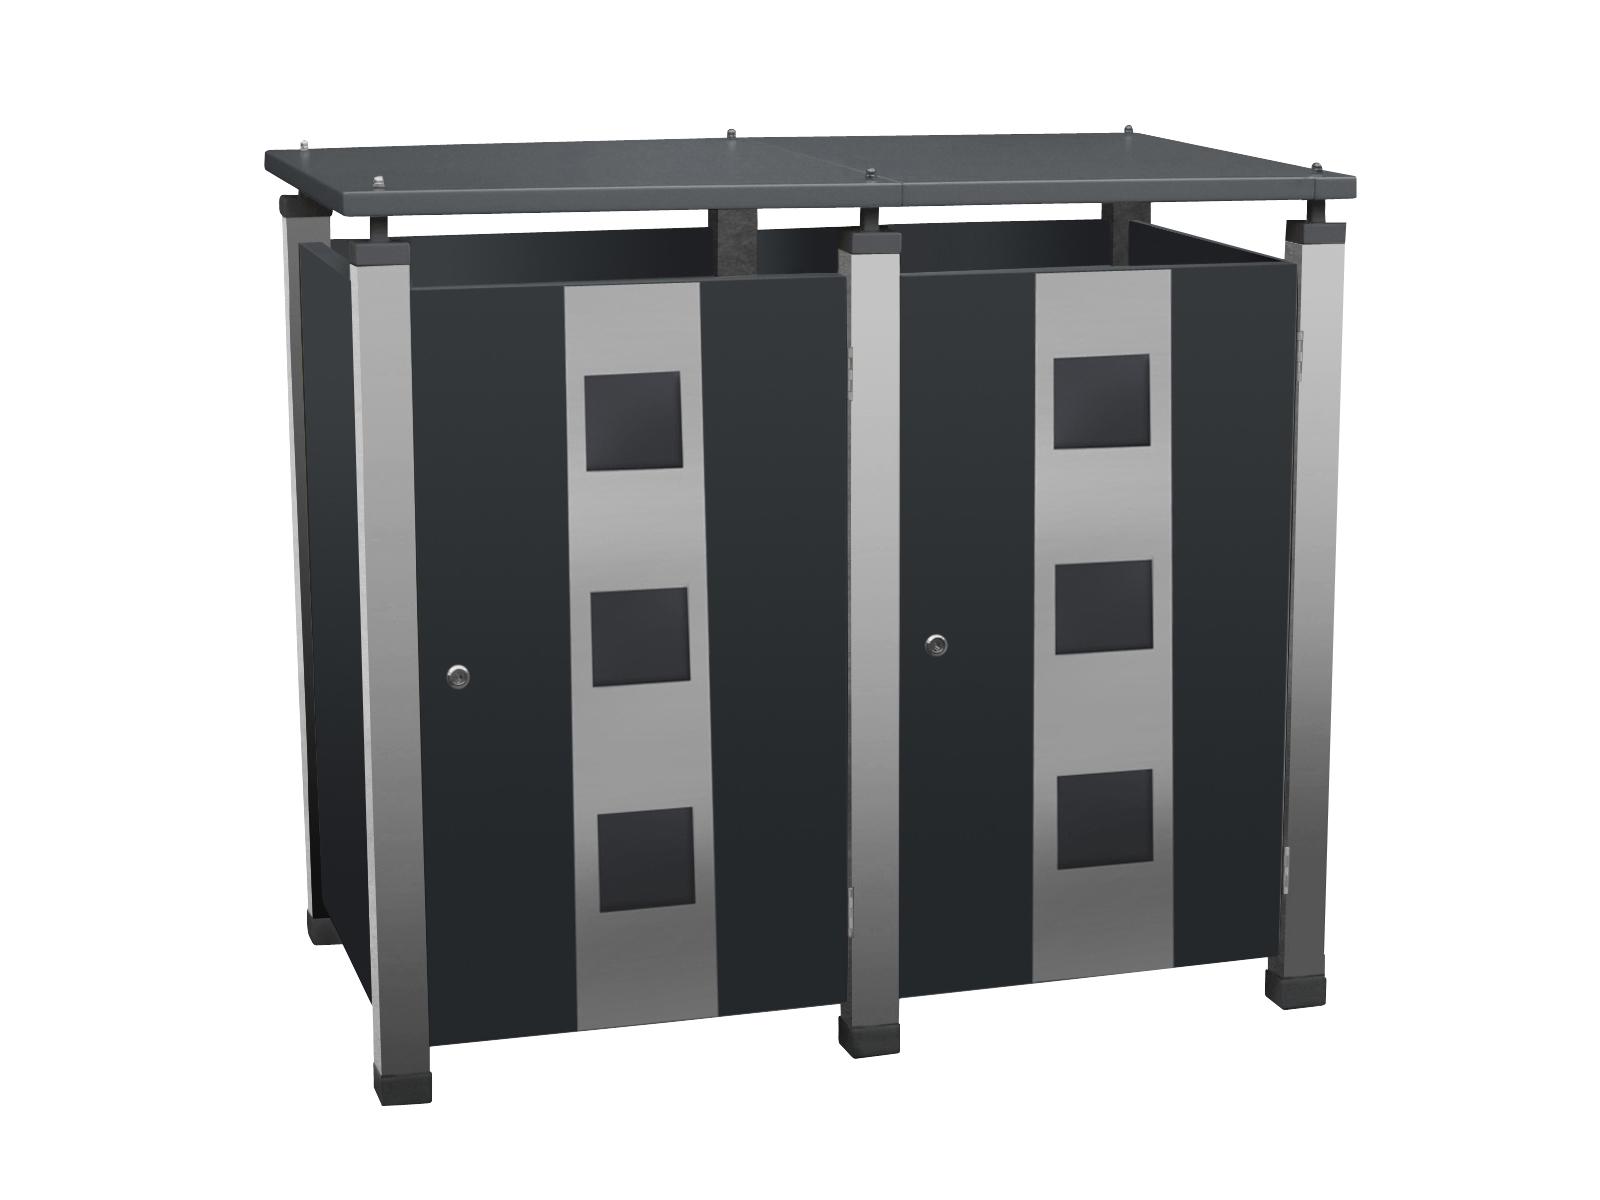 Mülltonnenbox Pacco E Quad3